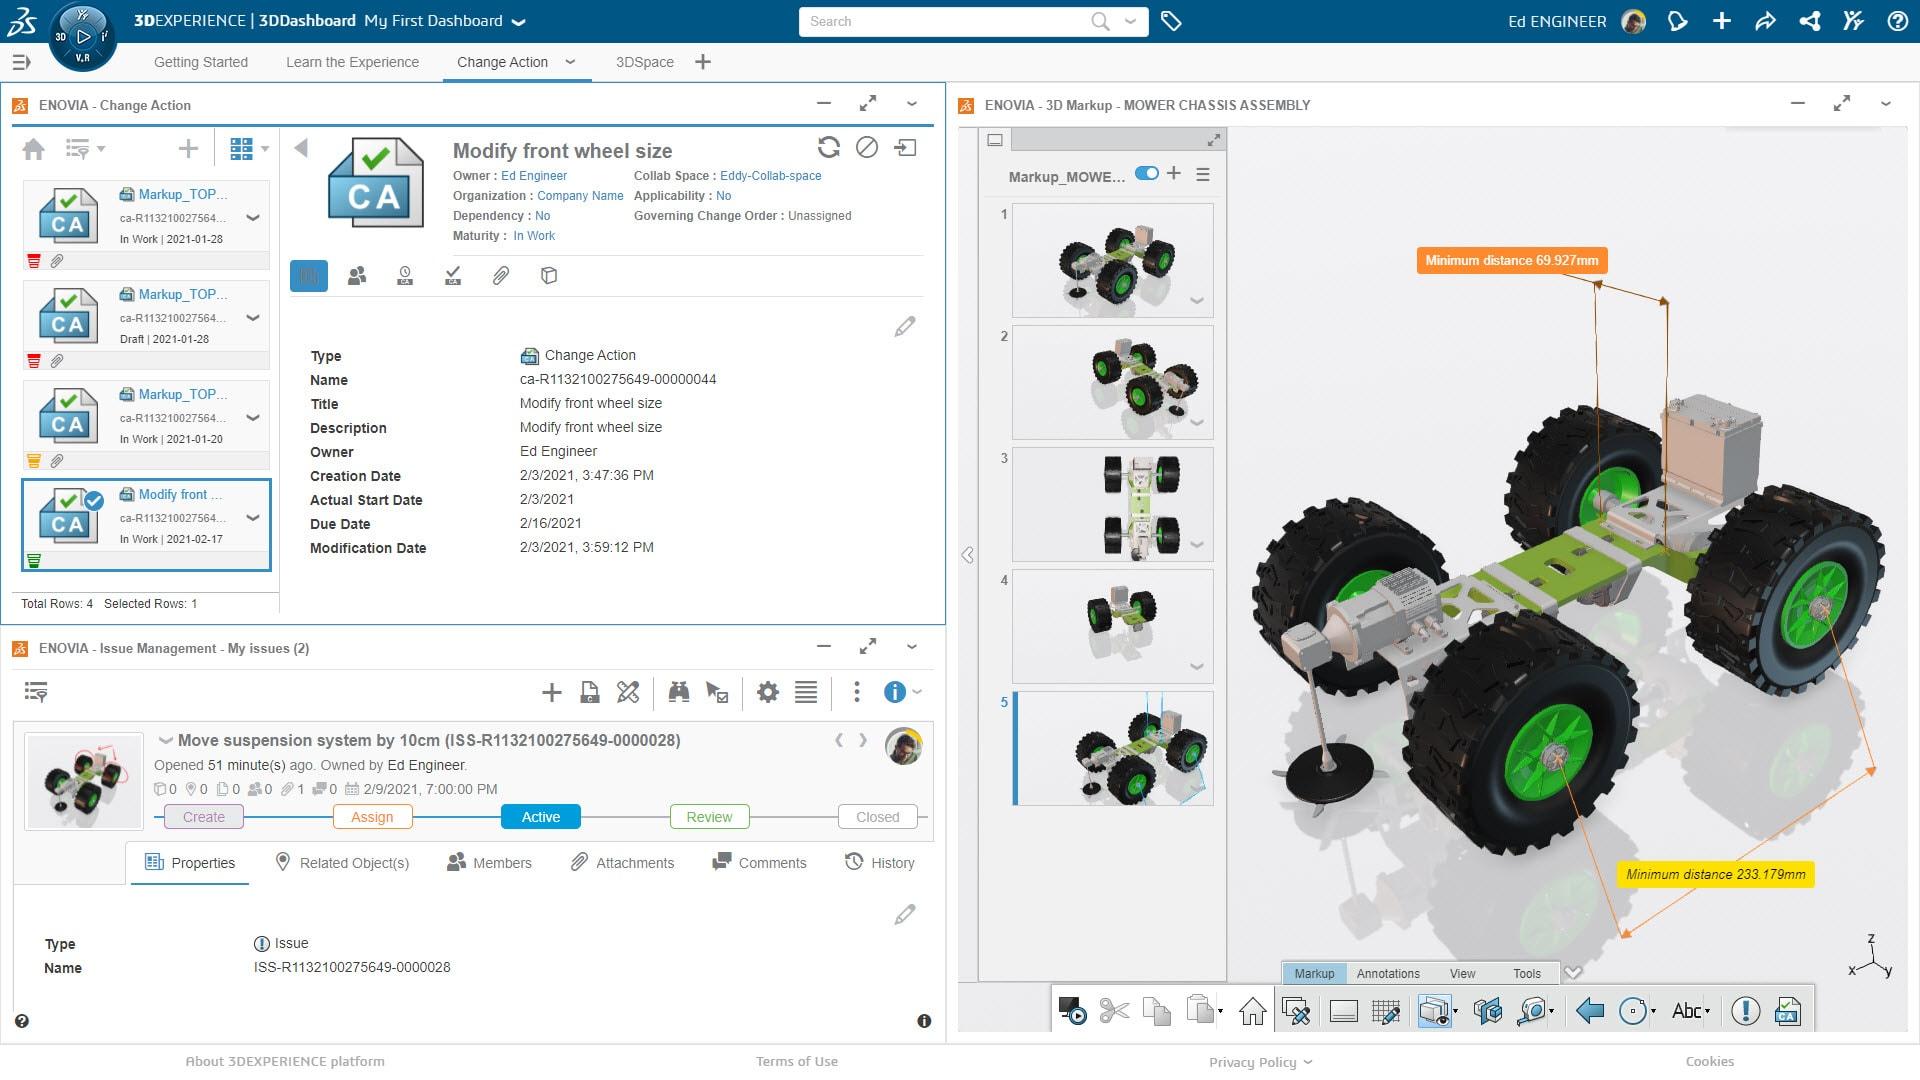 Erreichen Sie eine einfache Zusammenarbeit über das integrierte Datenmanagementder 3DEXPERIENCE Plattform.